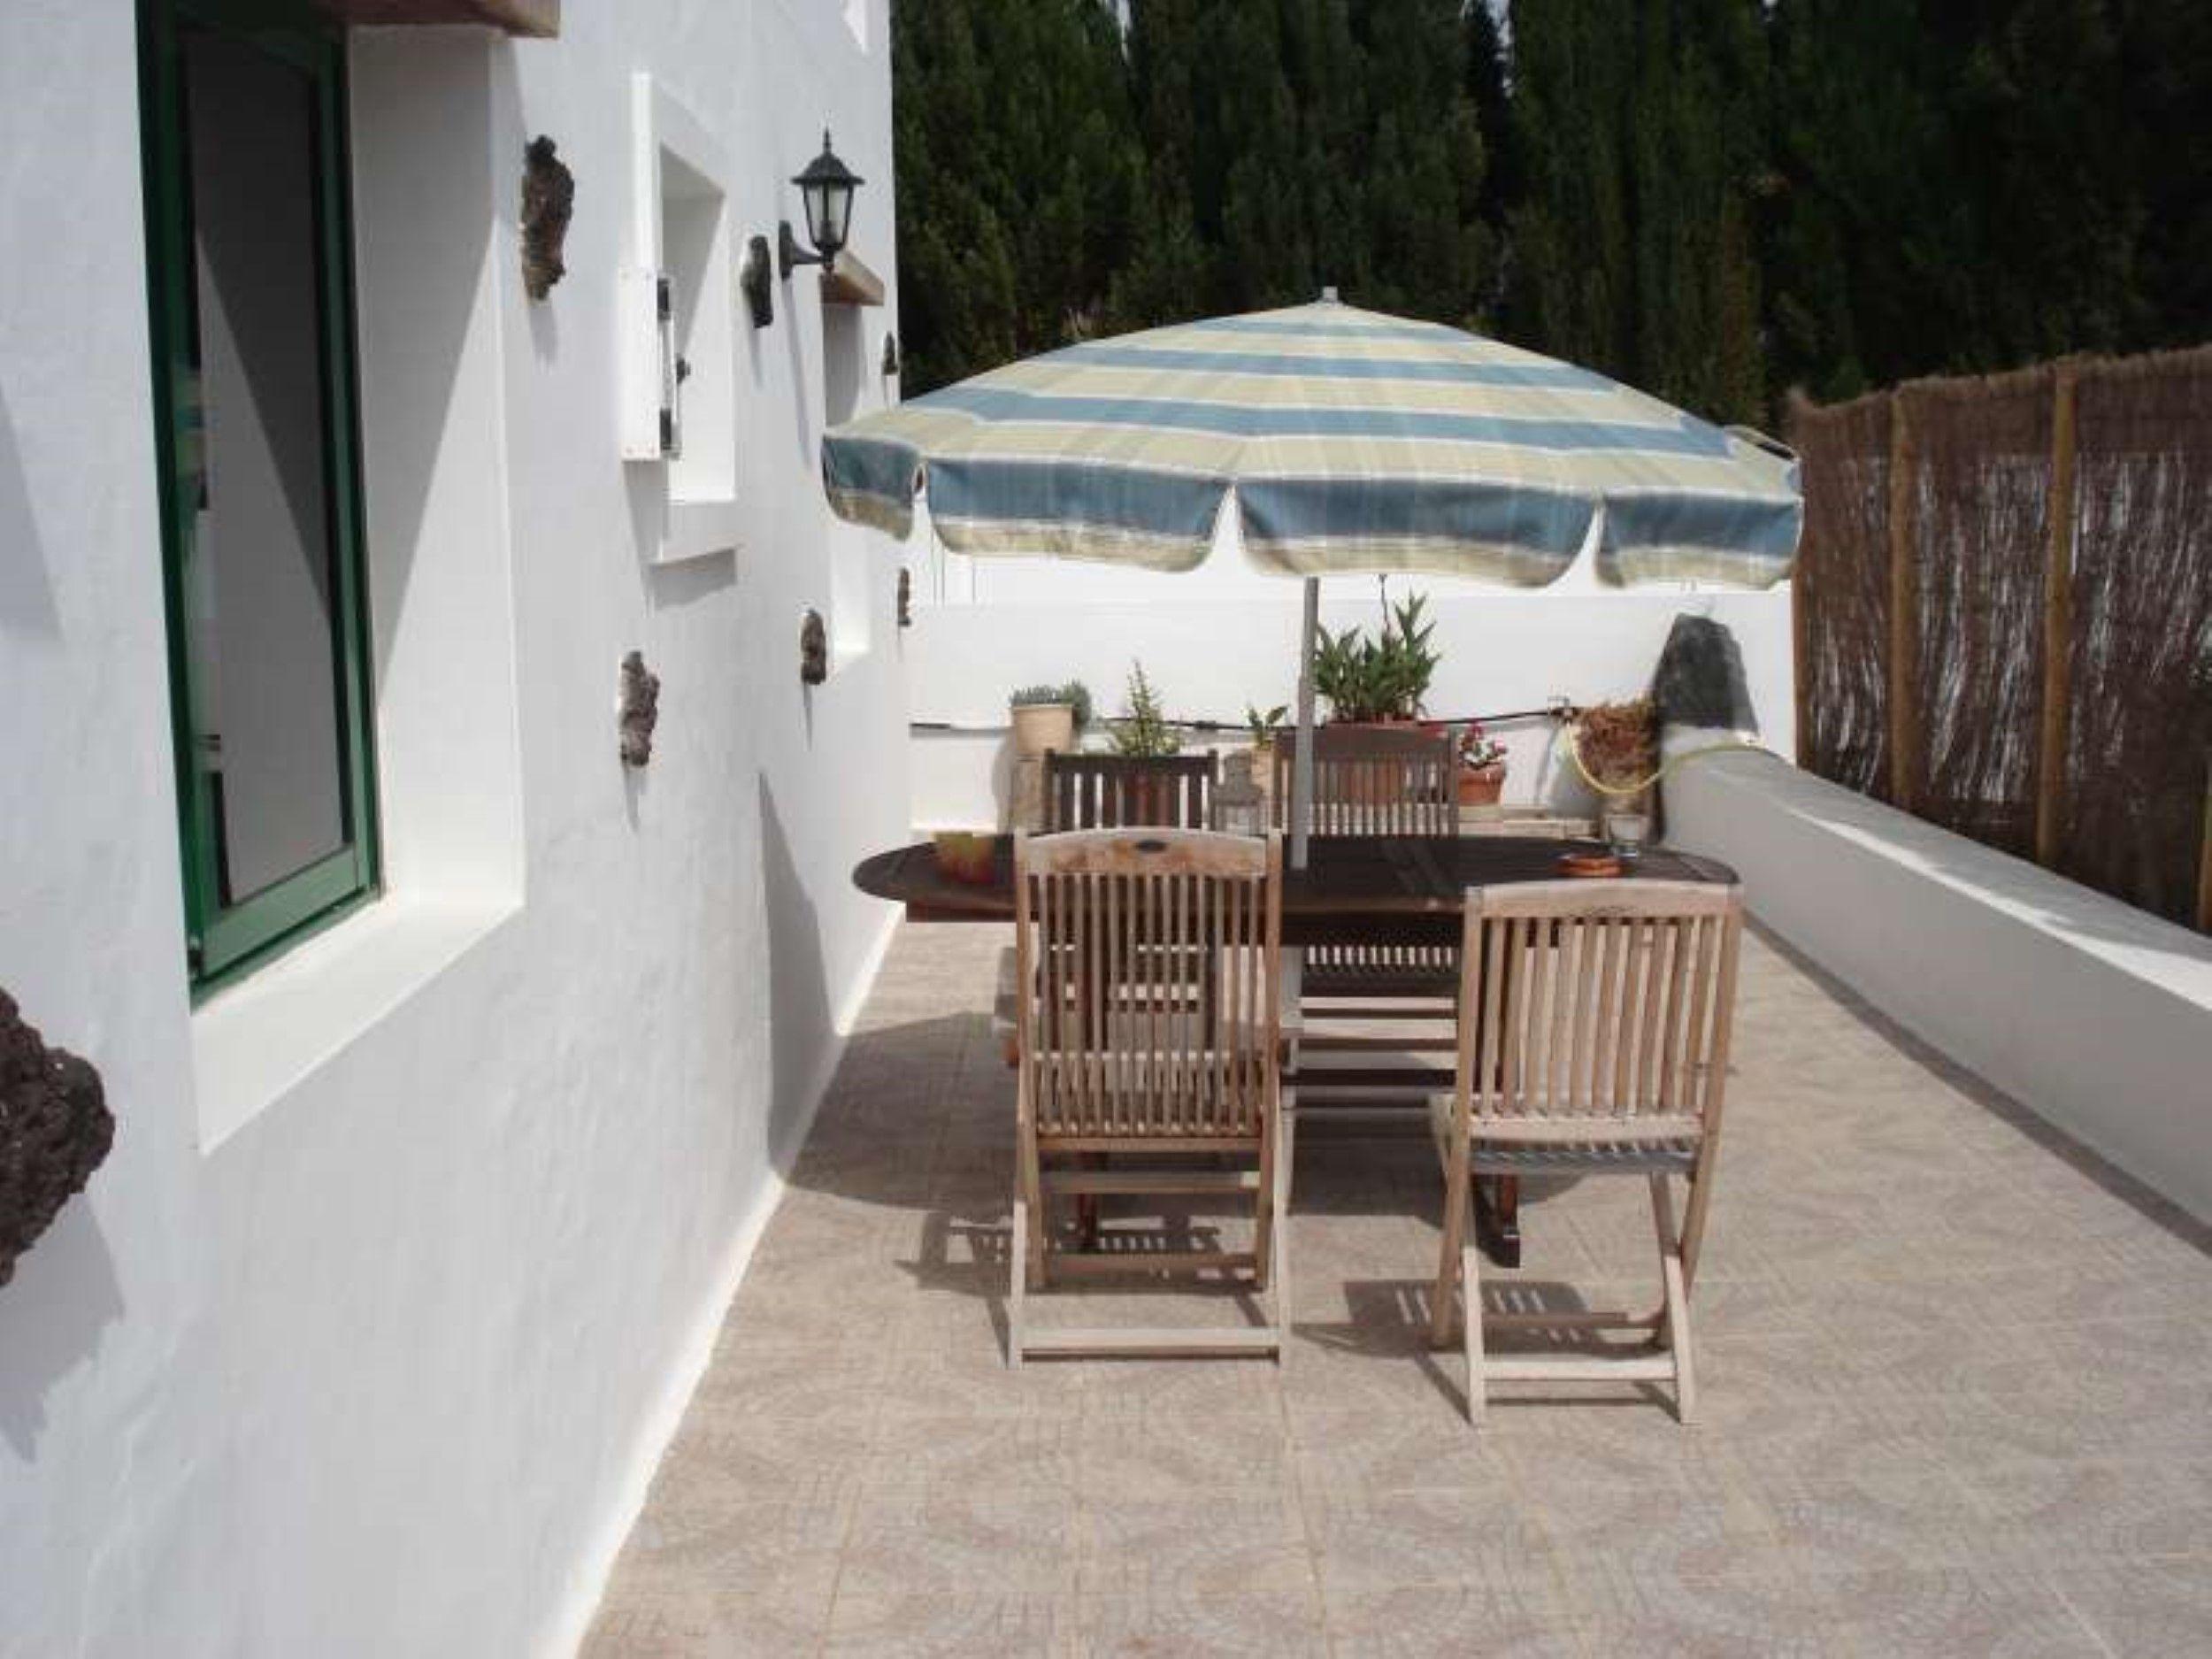 Alojamiento panorámico para 4 huéspedes